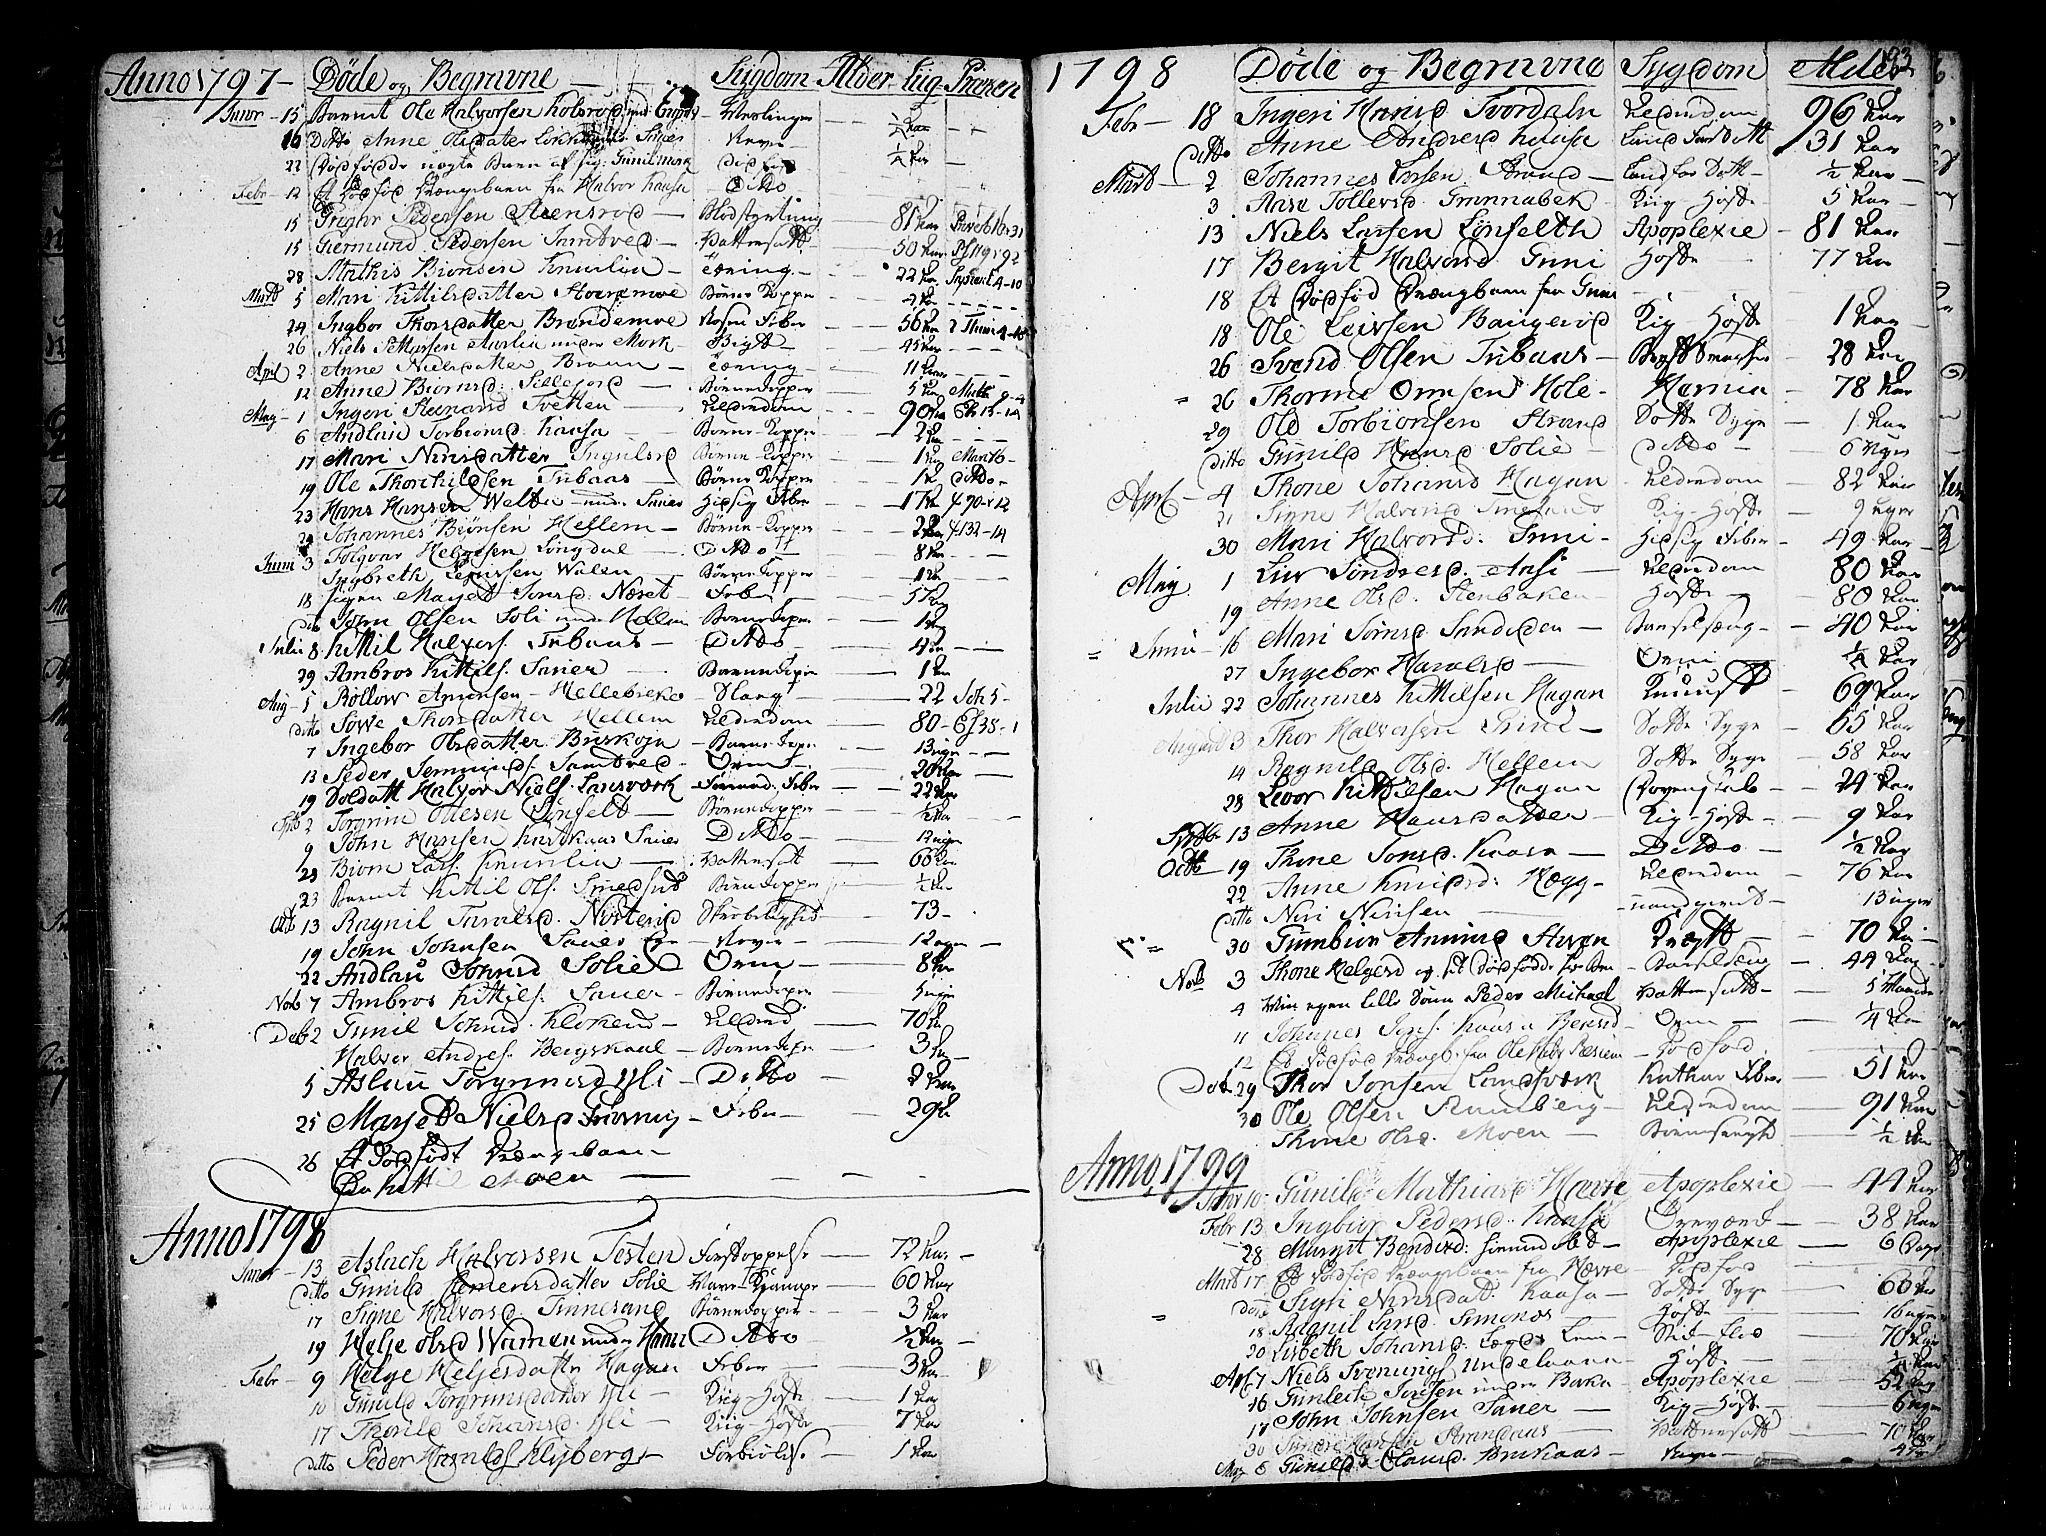 SAKO, Heddal kirkebøker, F/Fa/L0004: Ministerialbok nr. I 4, 1784-1814, s. 193